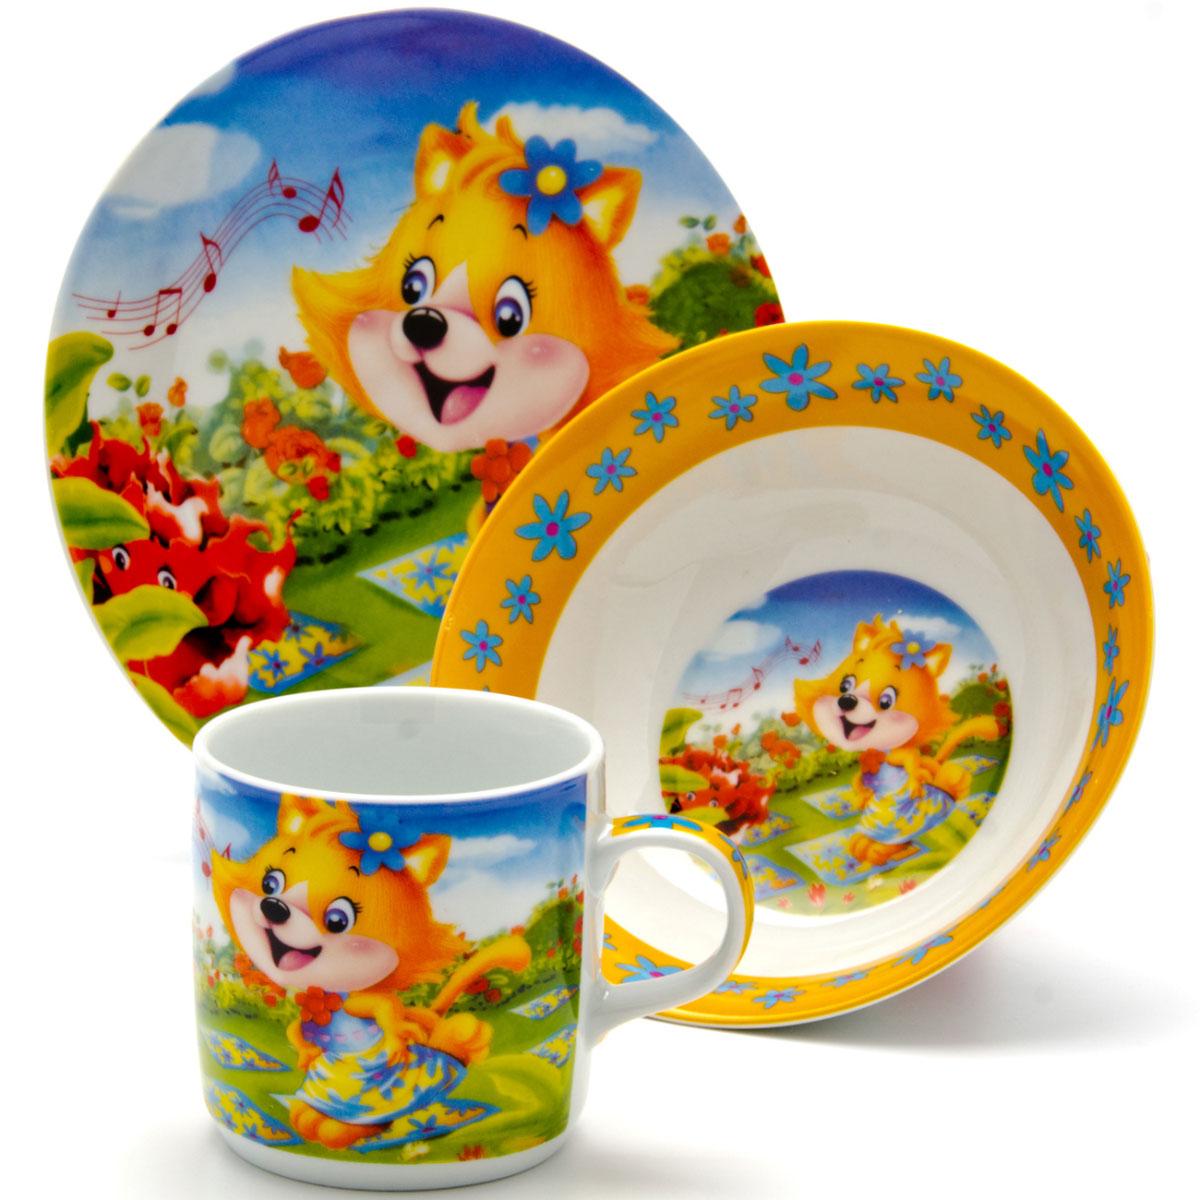 Набор посуды Loraine Белка, 3 предмета24028Набор посуды Лиса сочетает в себе изысканный дизайн с максимальной функциональностью. В набор входят суповая тарелка, обеденная тарелка и кружка. Предметы набора выполнены из высококачественной керамики, декорированы красочным рисунком. Благодаря такому набору обед вашего ребенка будет еще вкуснее. Набор упакован в красочную, подарочную упаковку.